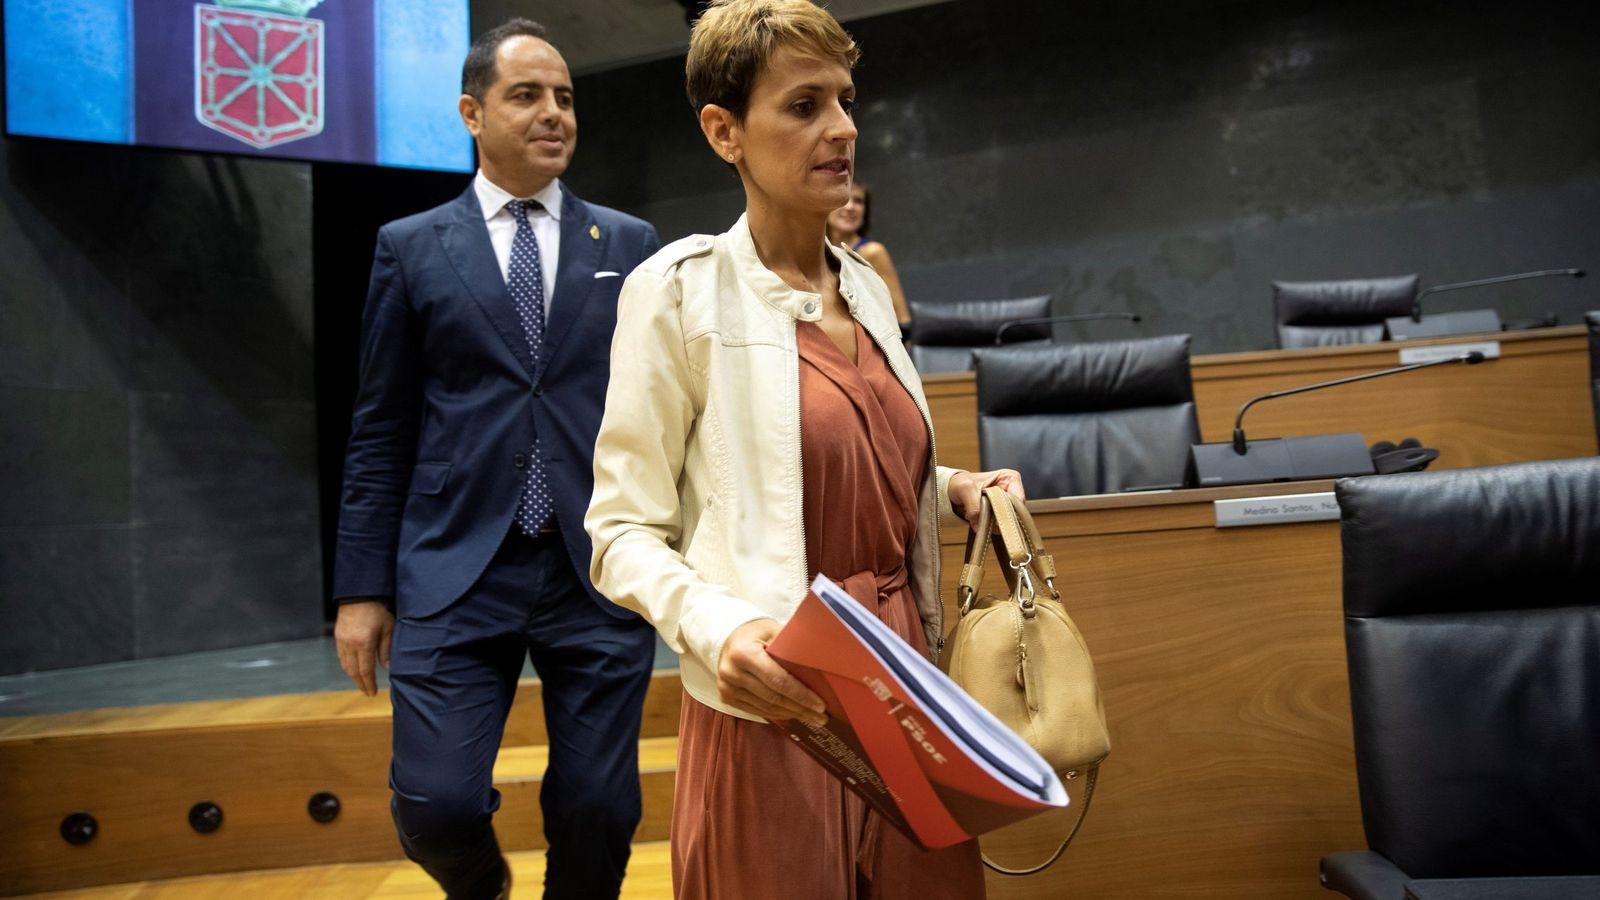 Chivite y Alzórriz, en el Parlamento de Navarra. (EFE)